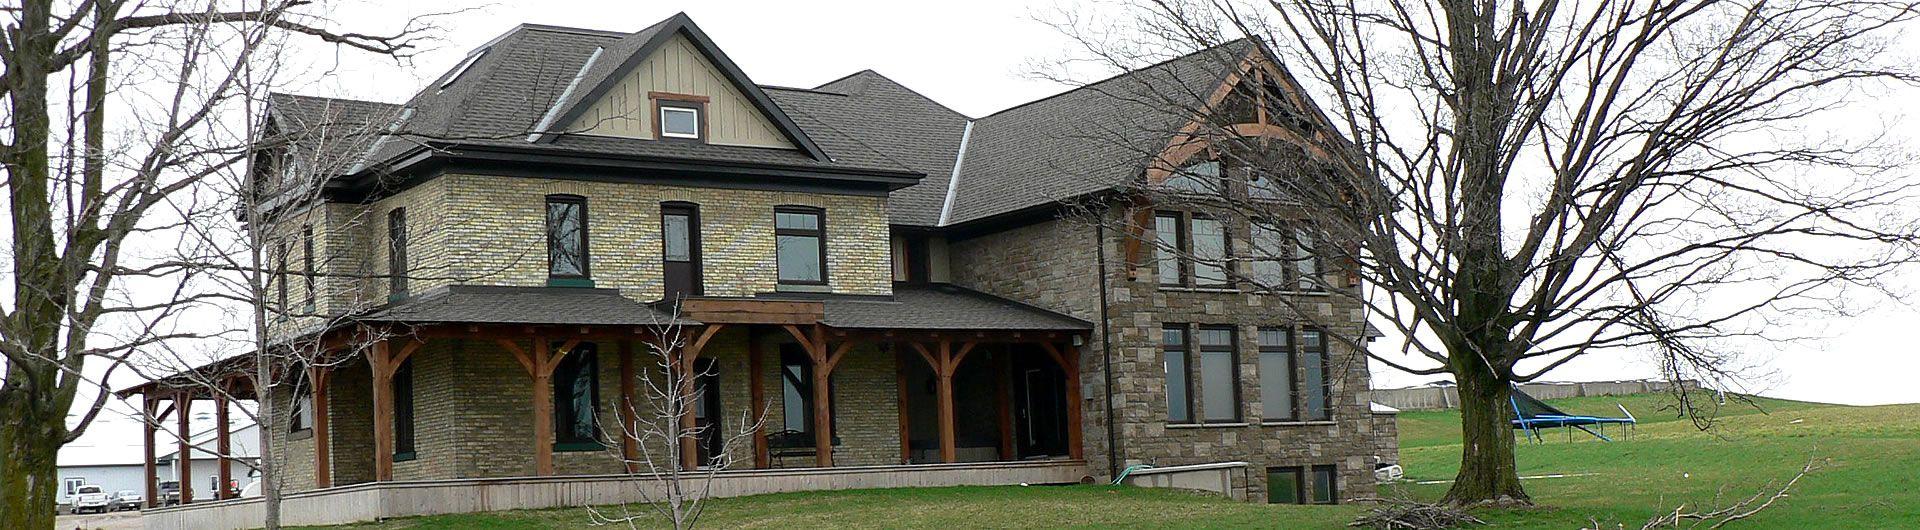 Custom addition to farm house